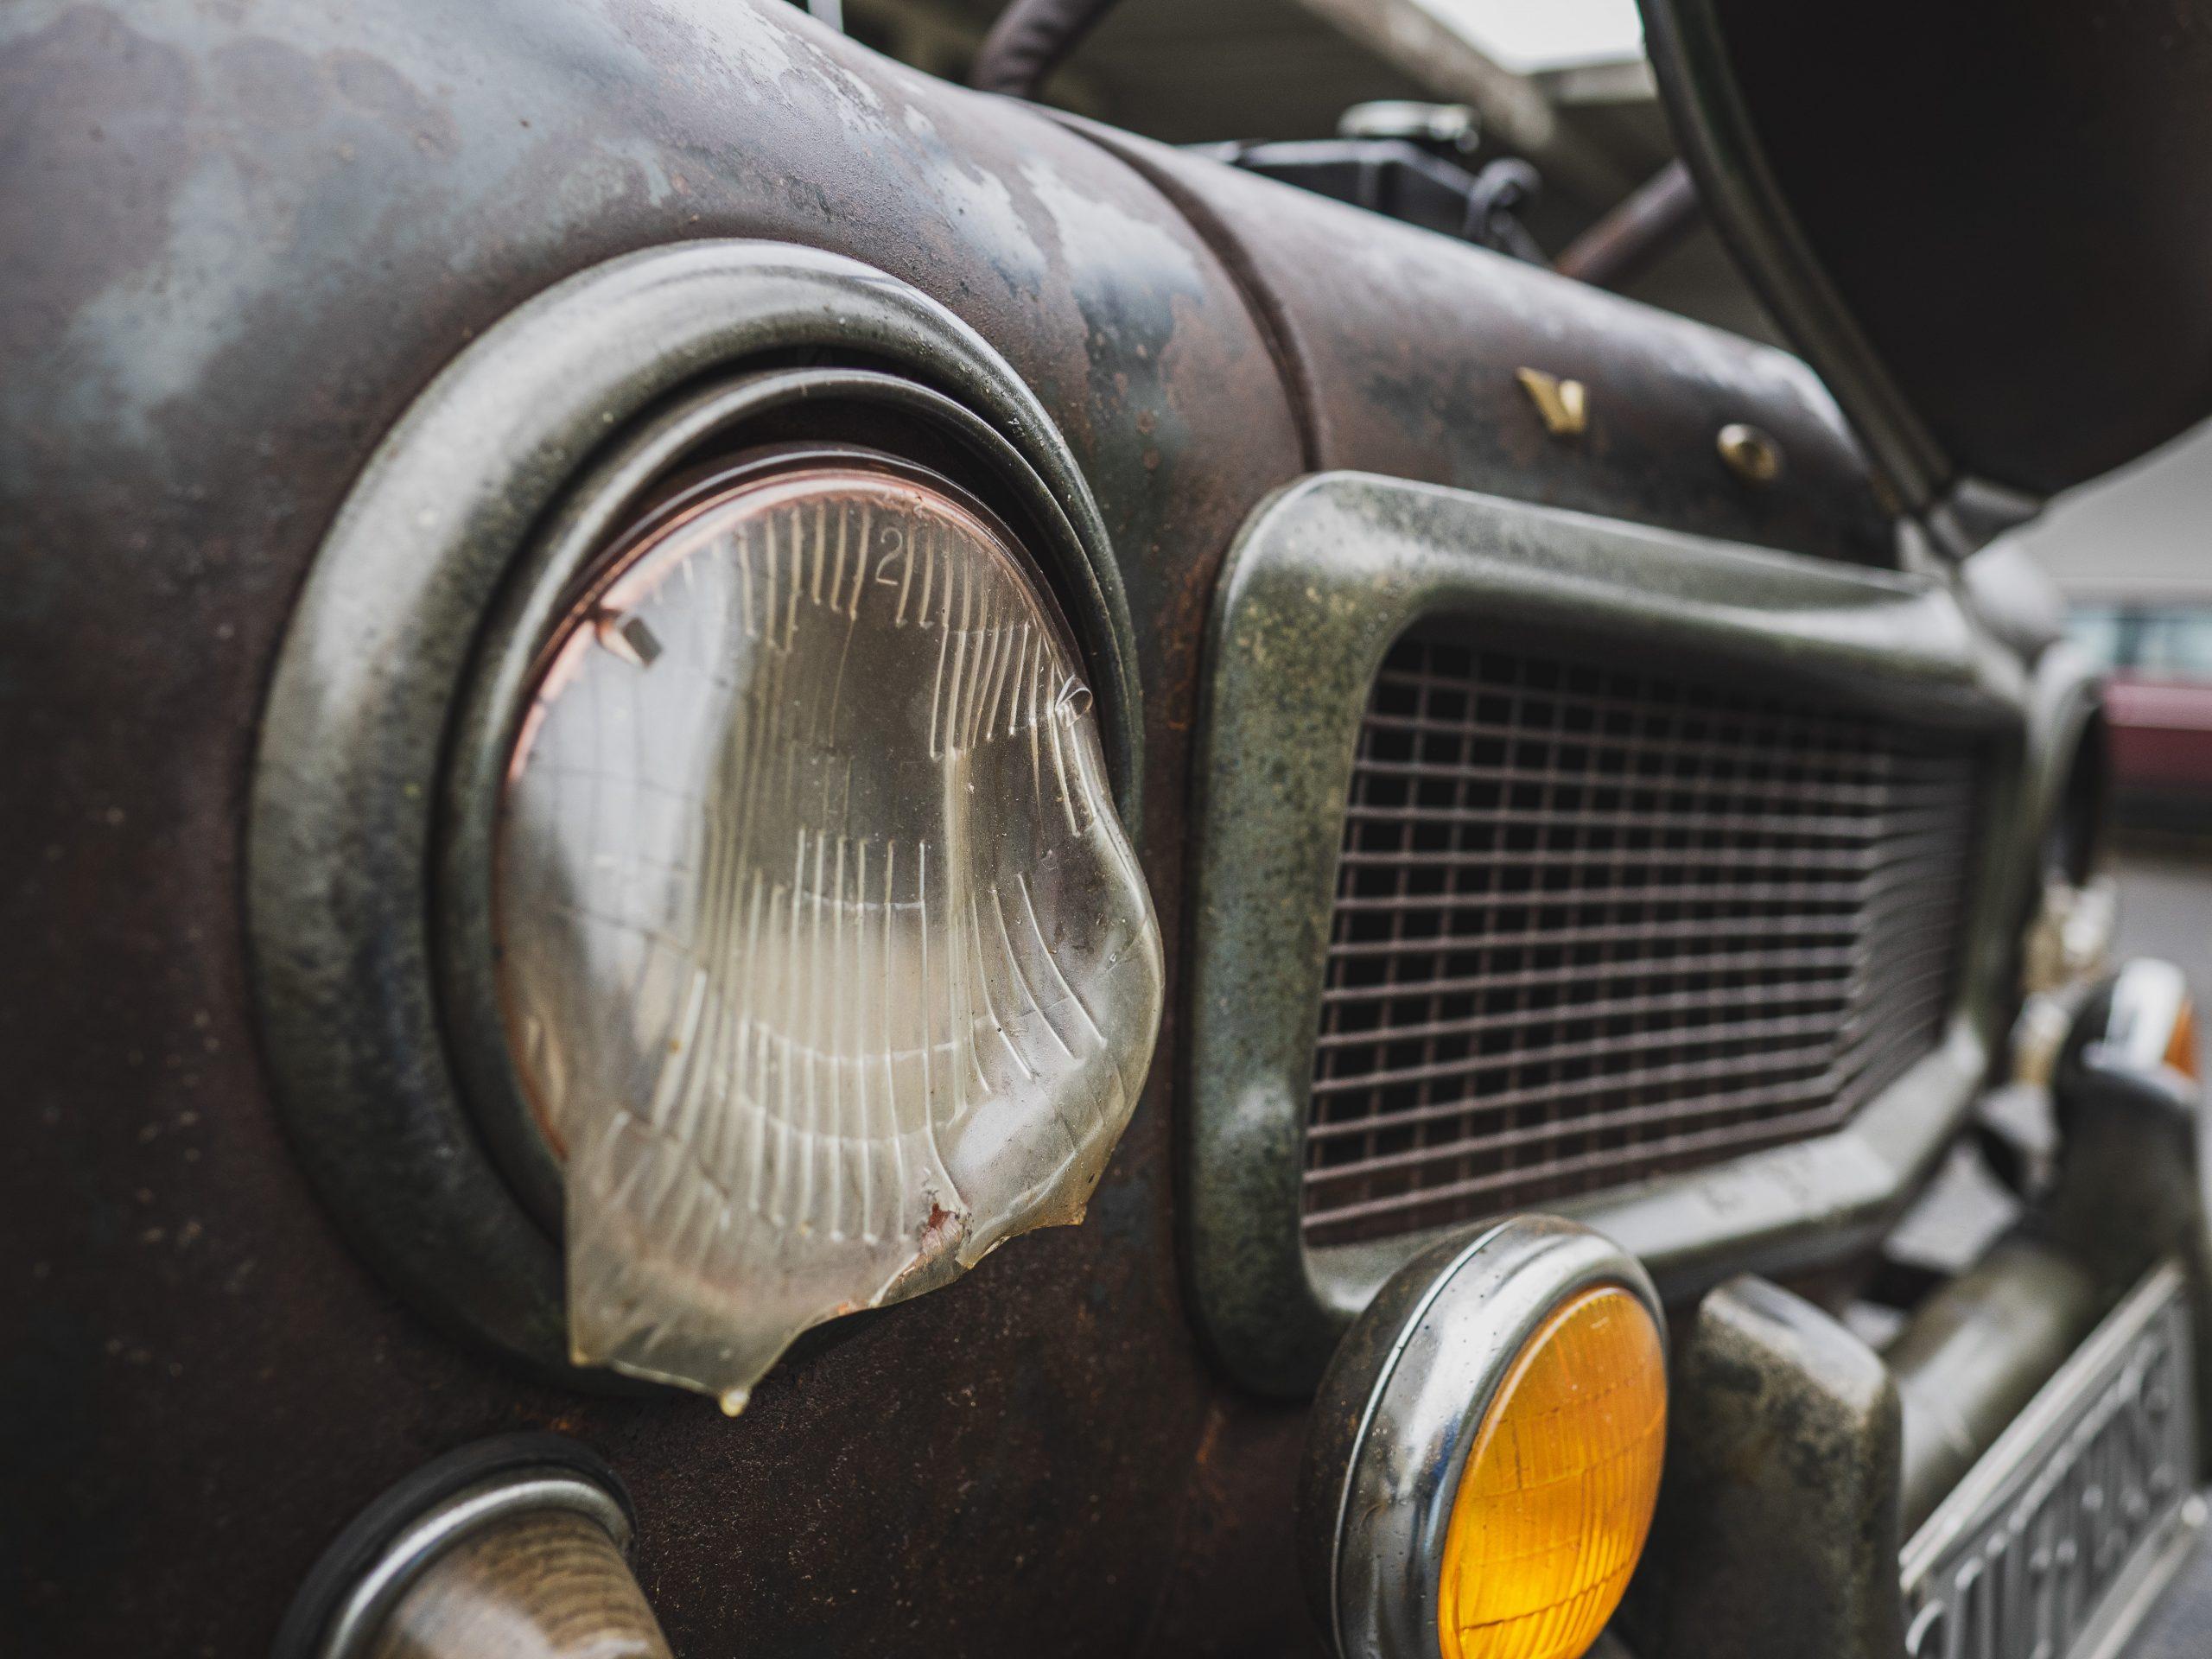 kirby family paradise volvo front headlight melt detail